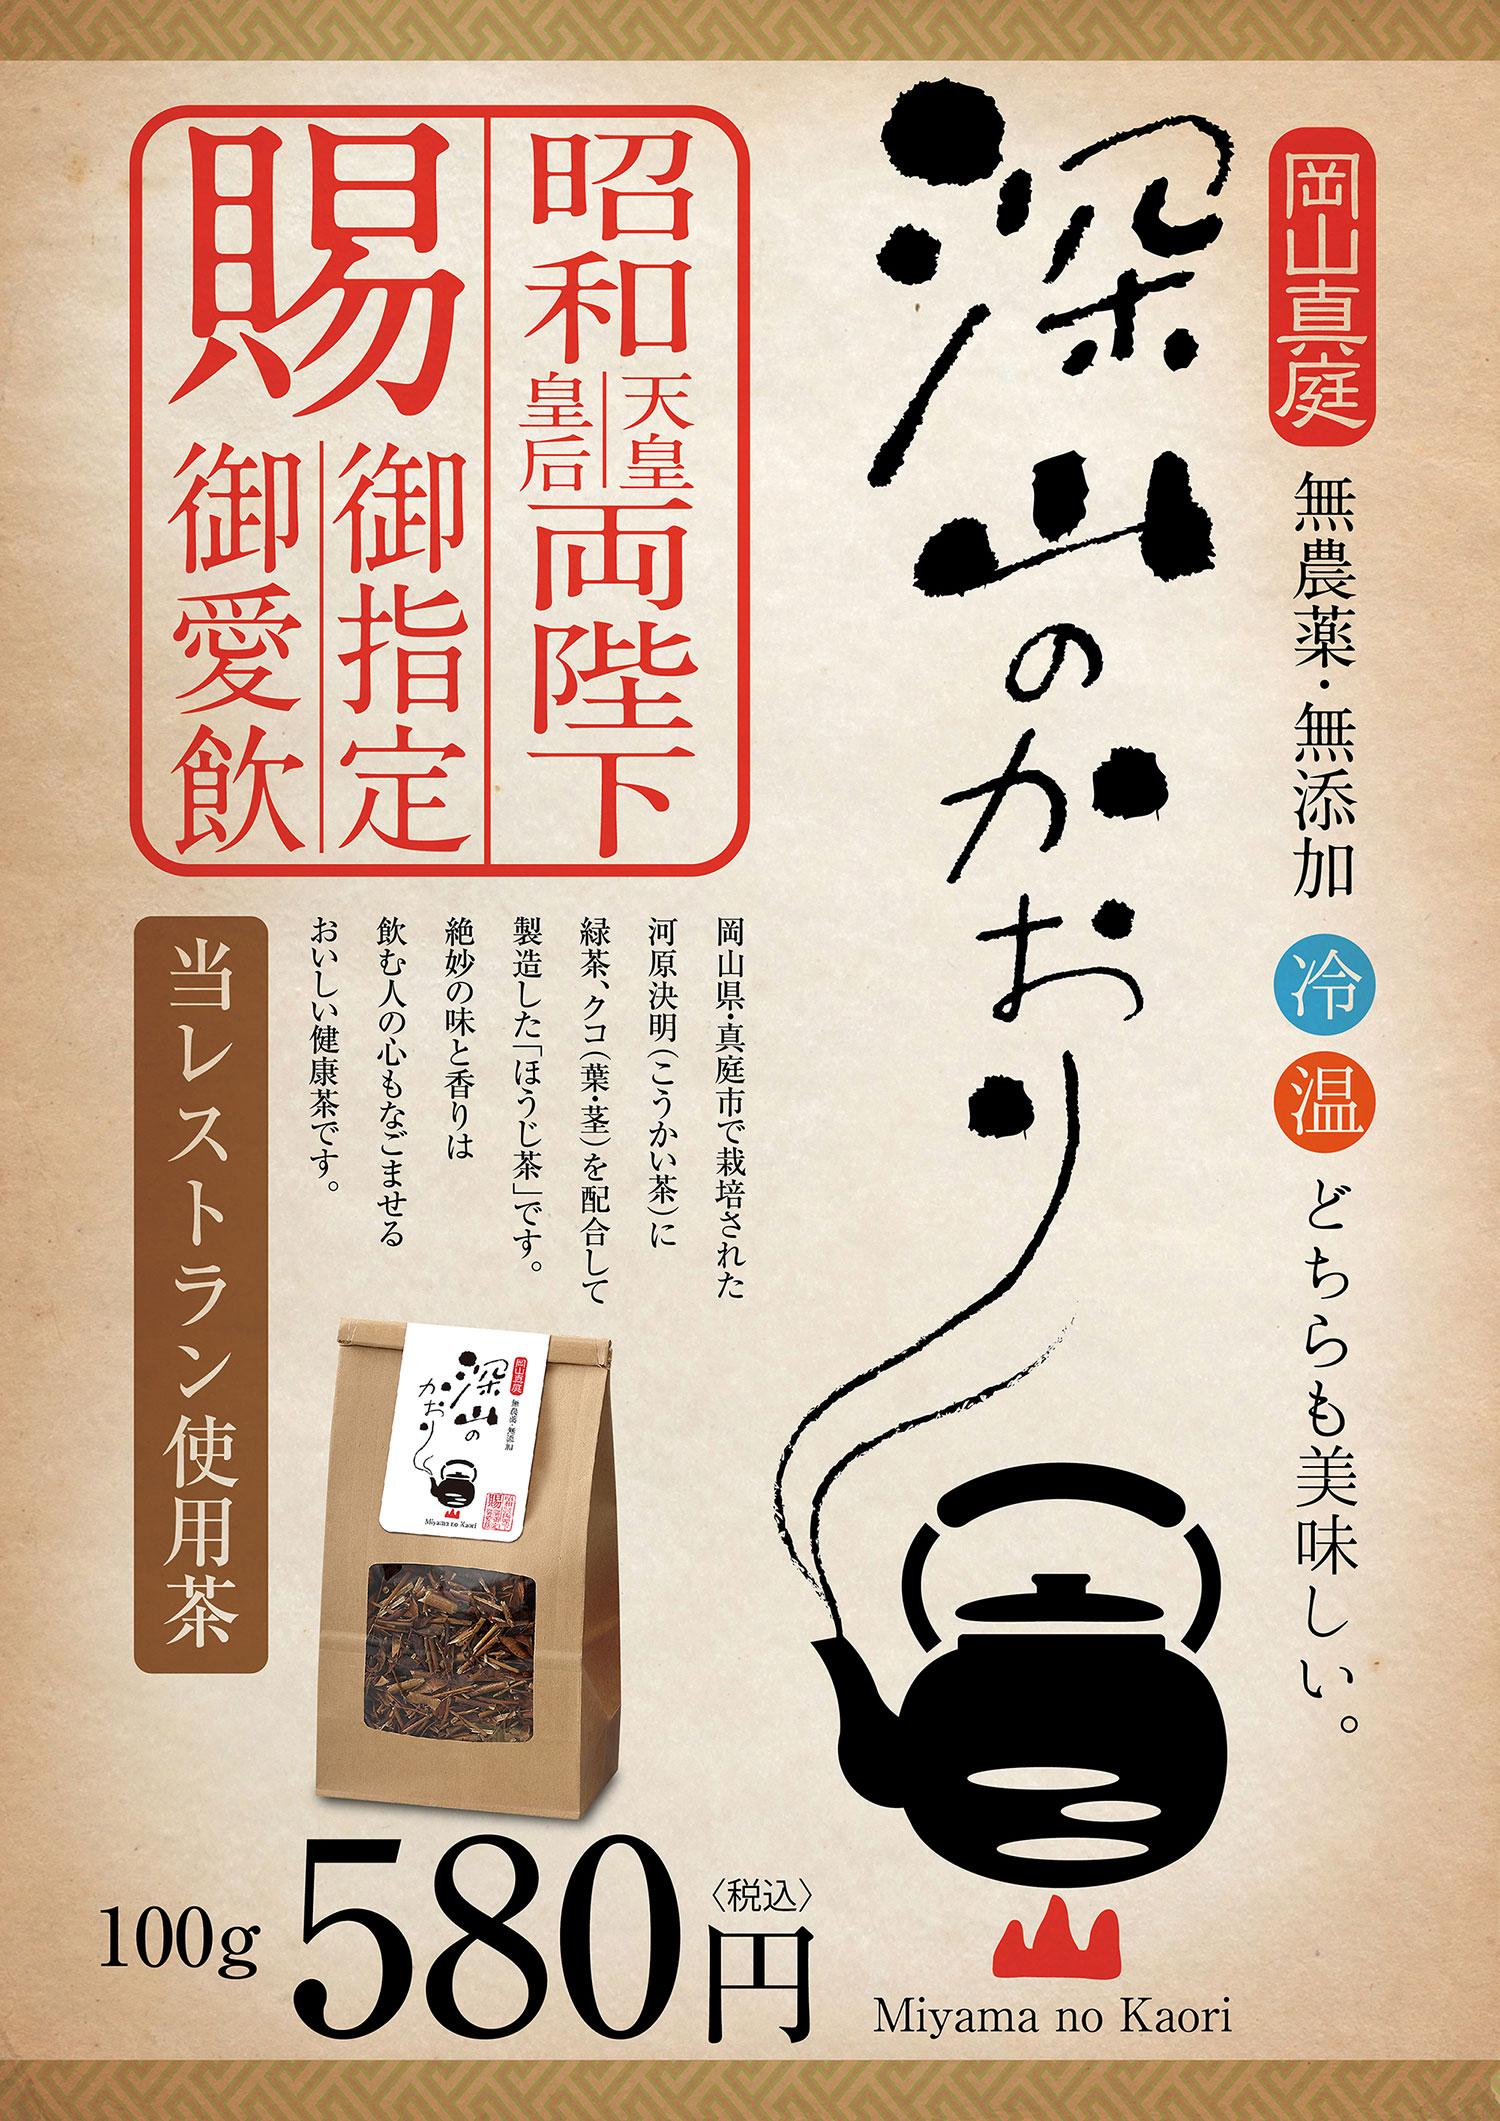 深山のかおり(お茶)パッケージ制作